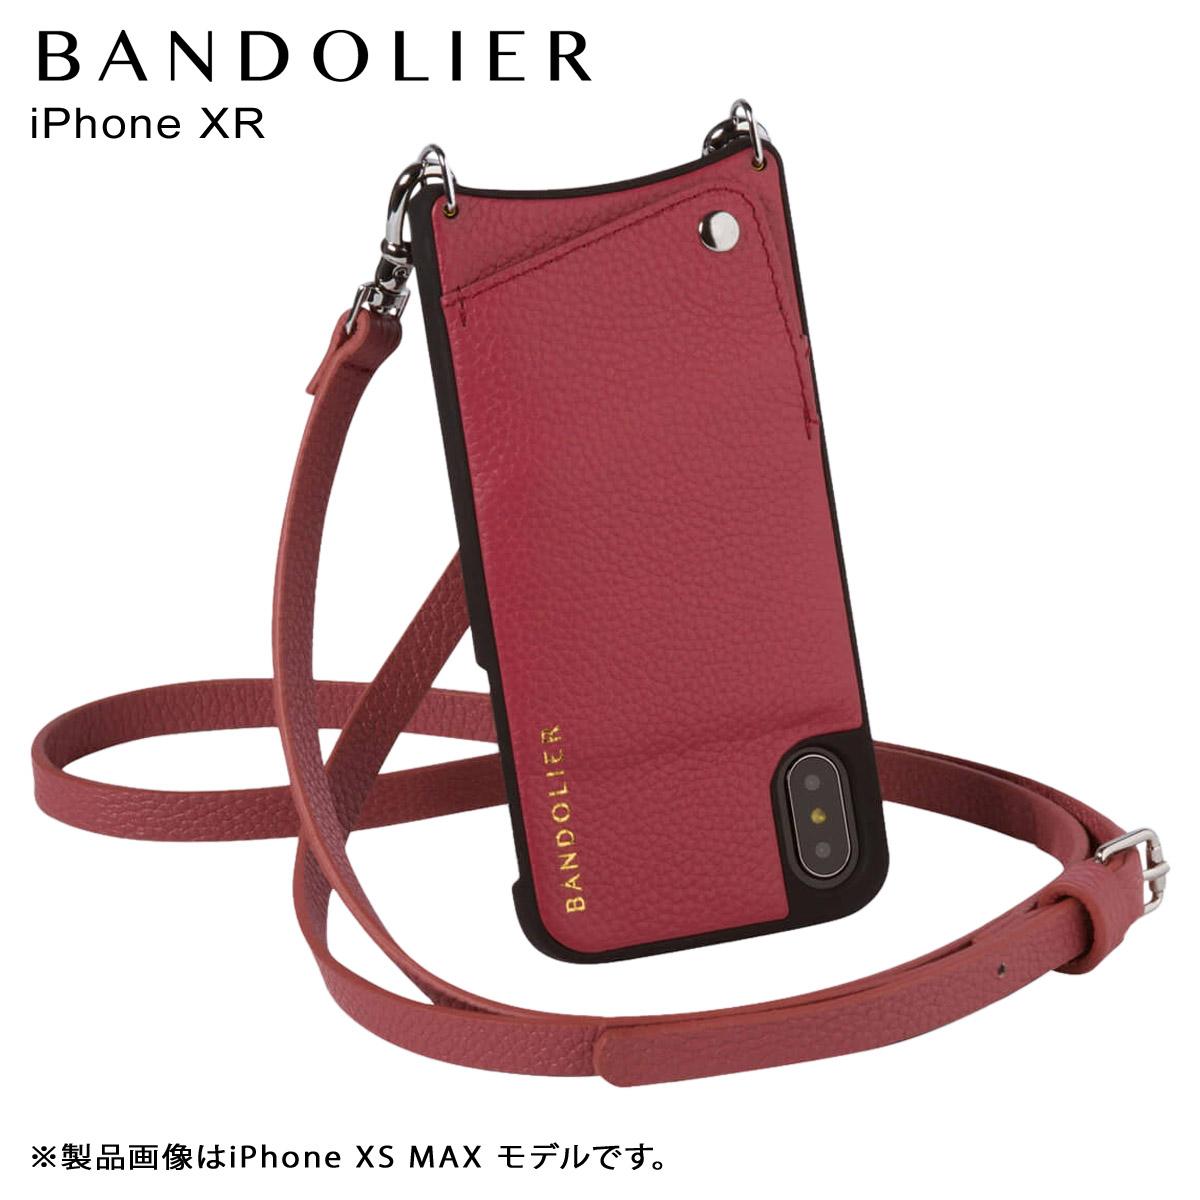 バンドリヤー BANDOLIER iPhone XR ケース ショルダー スマホ アイフォン レザー EMMA MAGENTA RED メンズ レディース マゼンタ レッド 赤 10EMM1001 [予約商品 4月下旬頃入荷予定 再入荷]